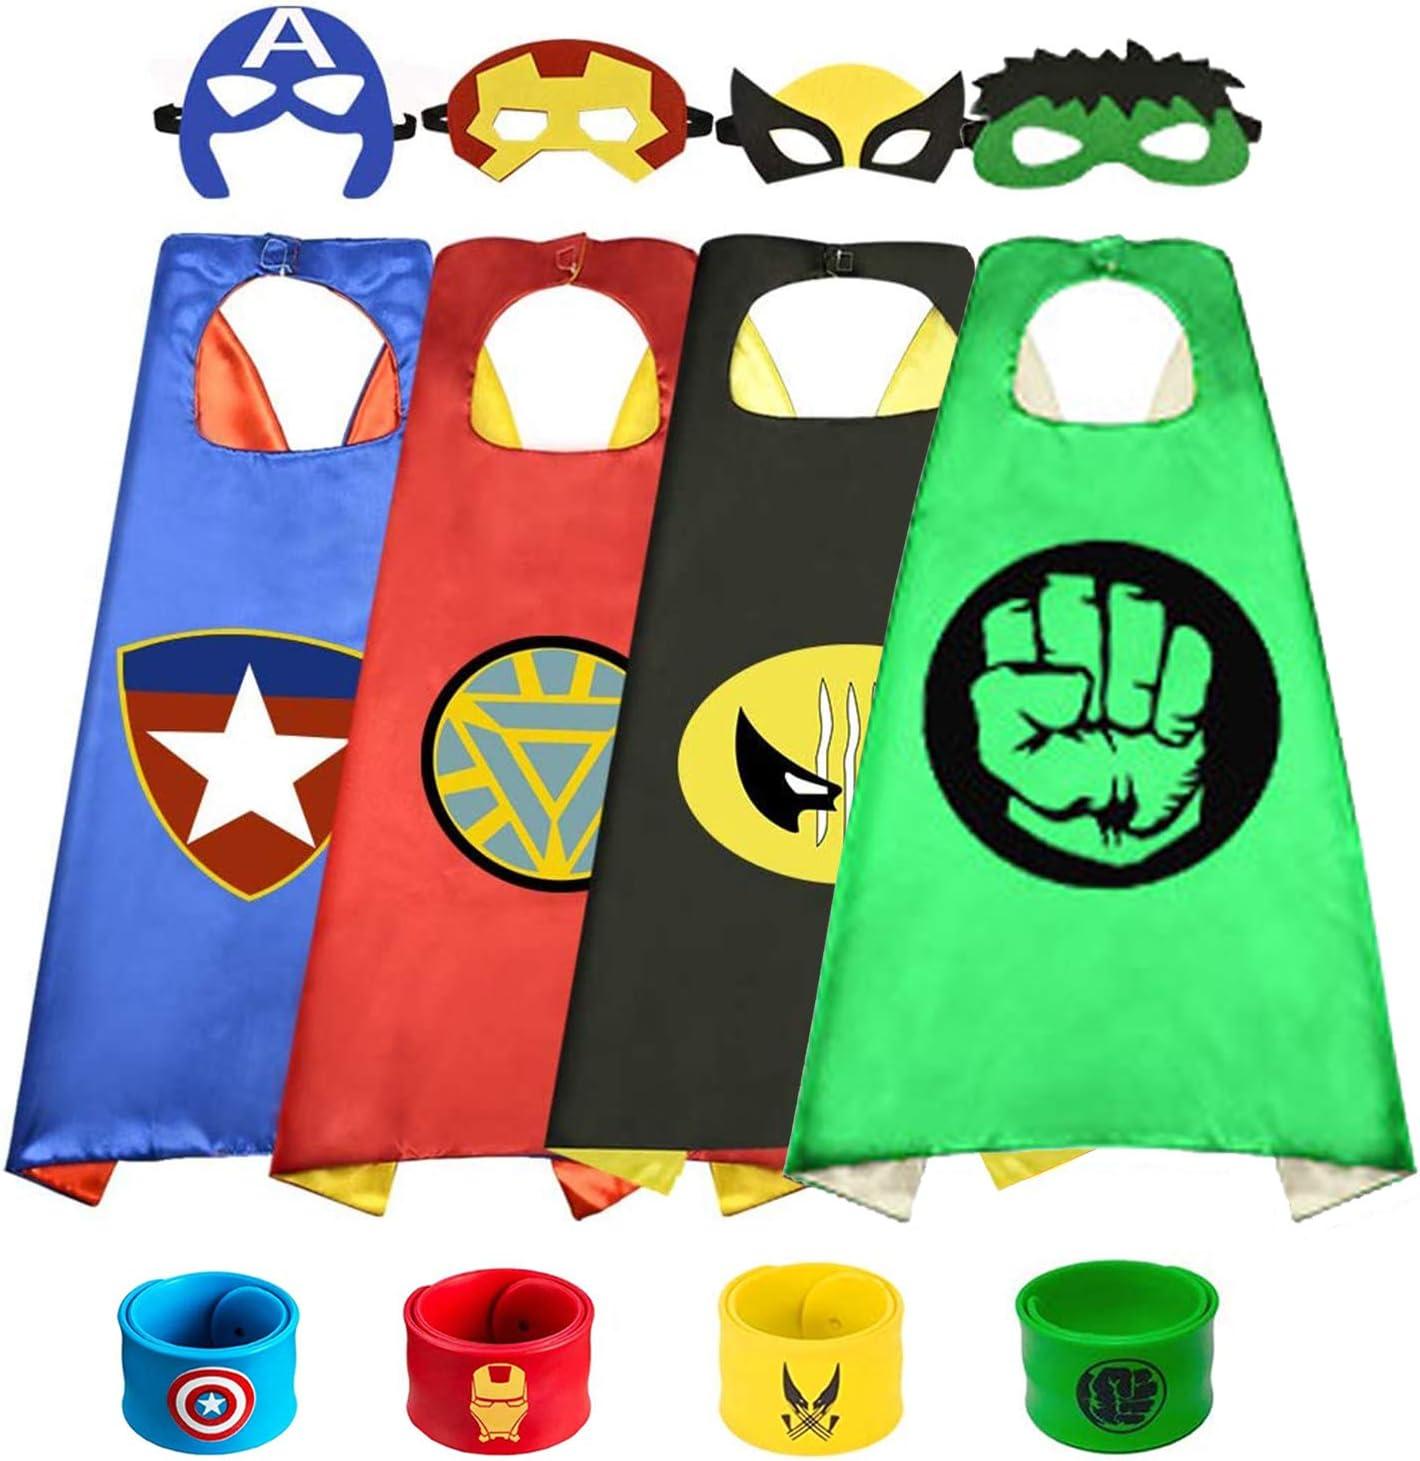 Capa de Superhéroe para Niños,Disfraces Infantiles para Cosplay de Fiesta de cumpleaños de Navidad,Los Mejores Regalos,Víspera de Todos los Santos-Navidad (4 Capa+4 Máscaras+4 Pulsera de silicona)